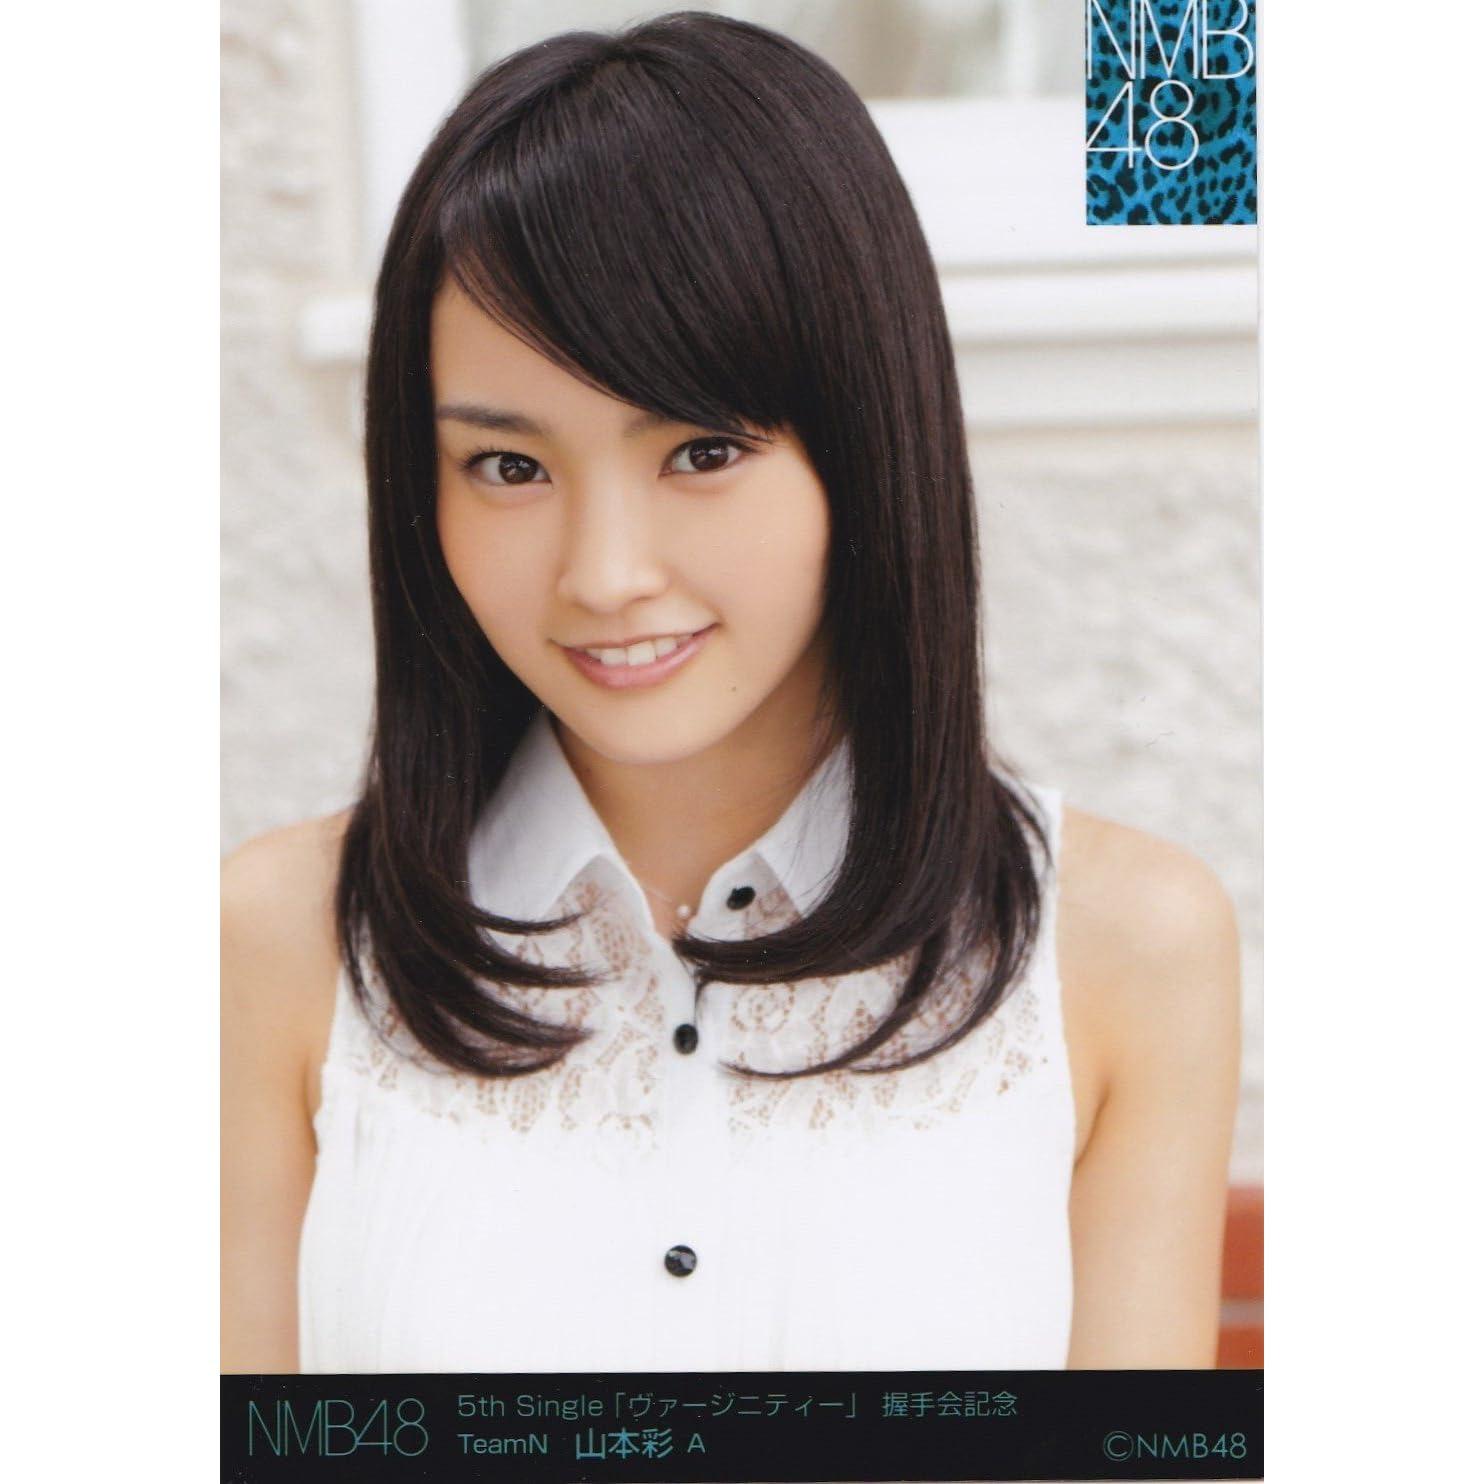 画像 Nmb48 山本彩 さや姉 厳選画像集 壁紙に最適 Naver